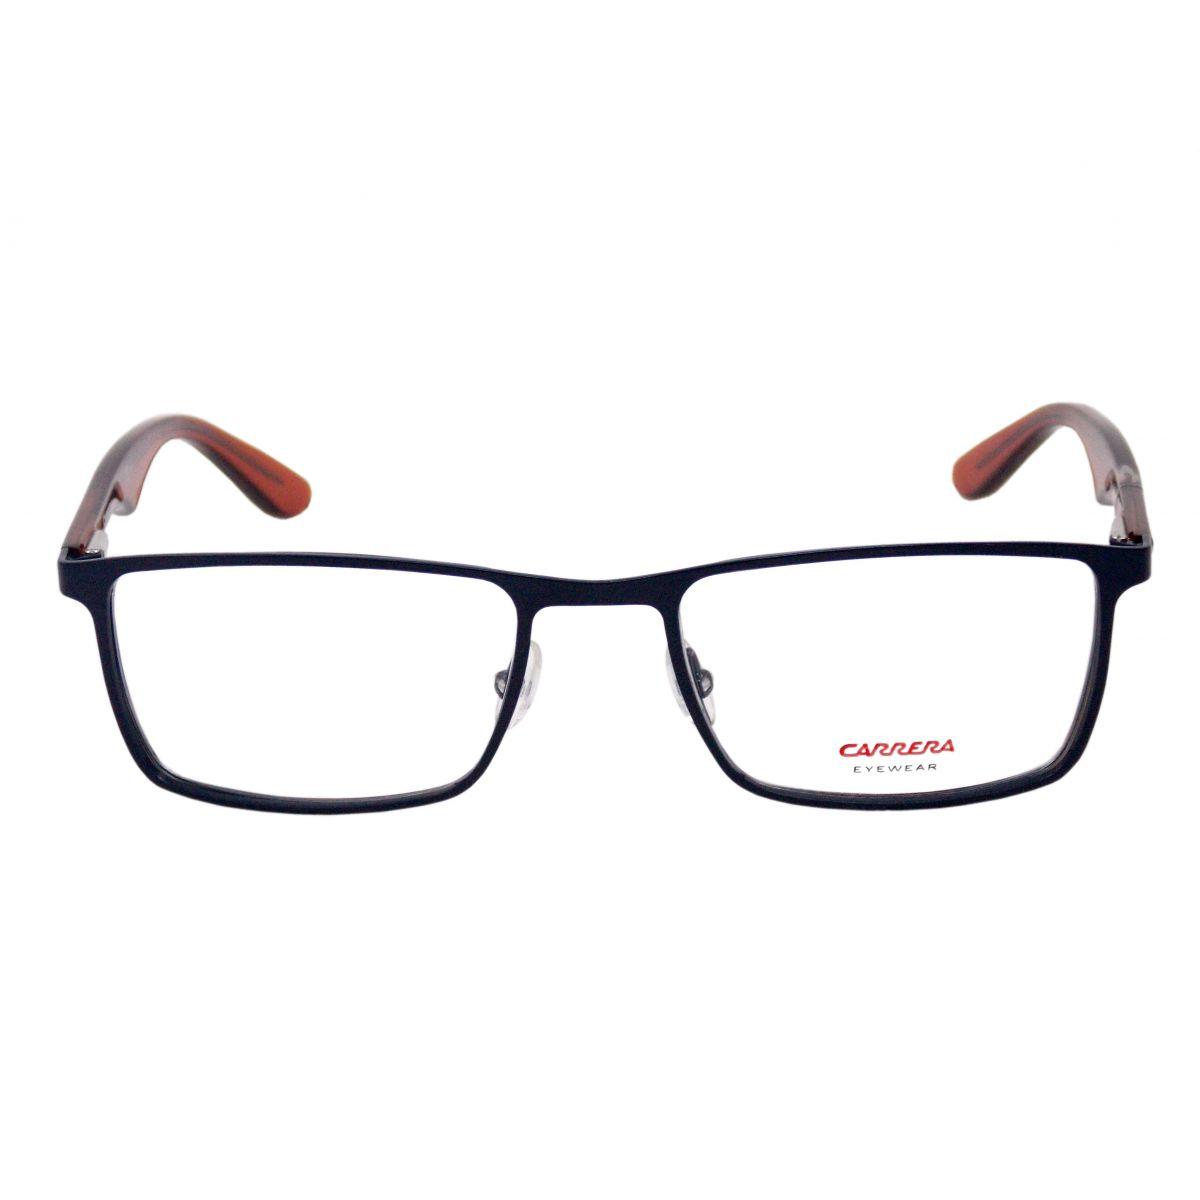 a5880835f4a81 Óculos De Grau Masculino Carrera CA6614 DFN Tam.54Carrera ...